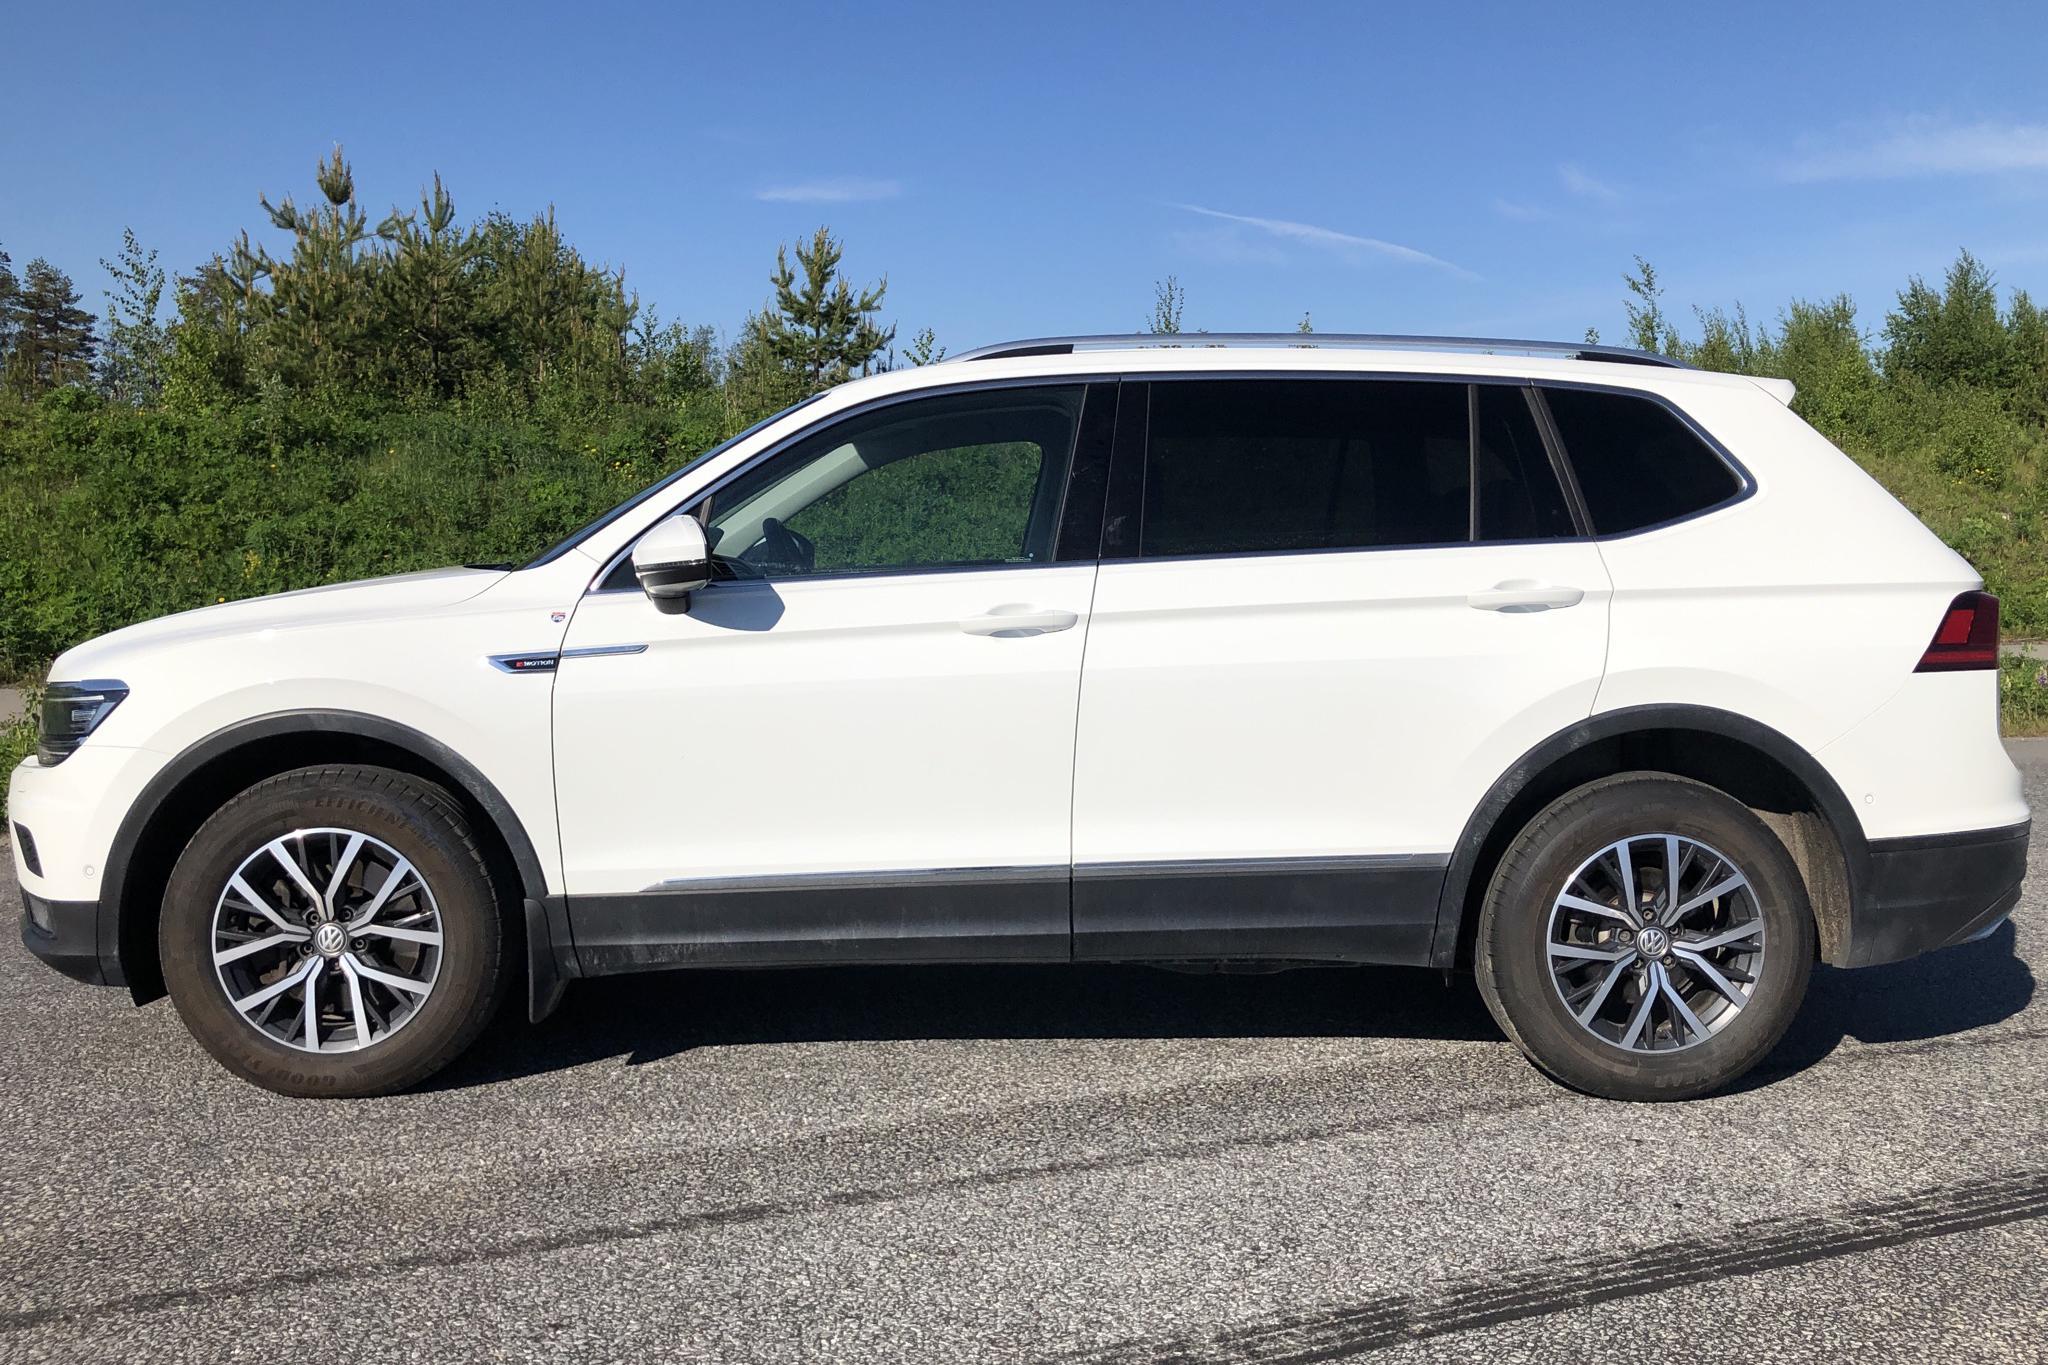 VW Tiguan Allspace 2.0 TSI 4MOTION (180hk) - 7 254 mil - Automat - vit - 2018